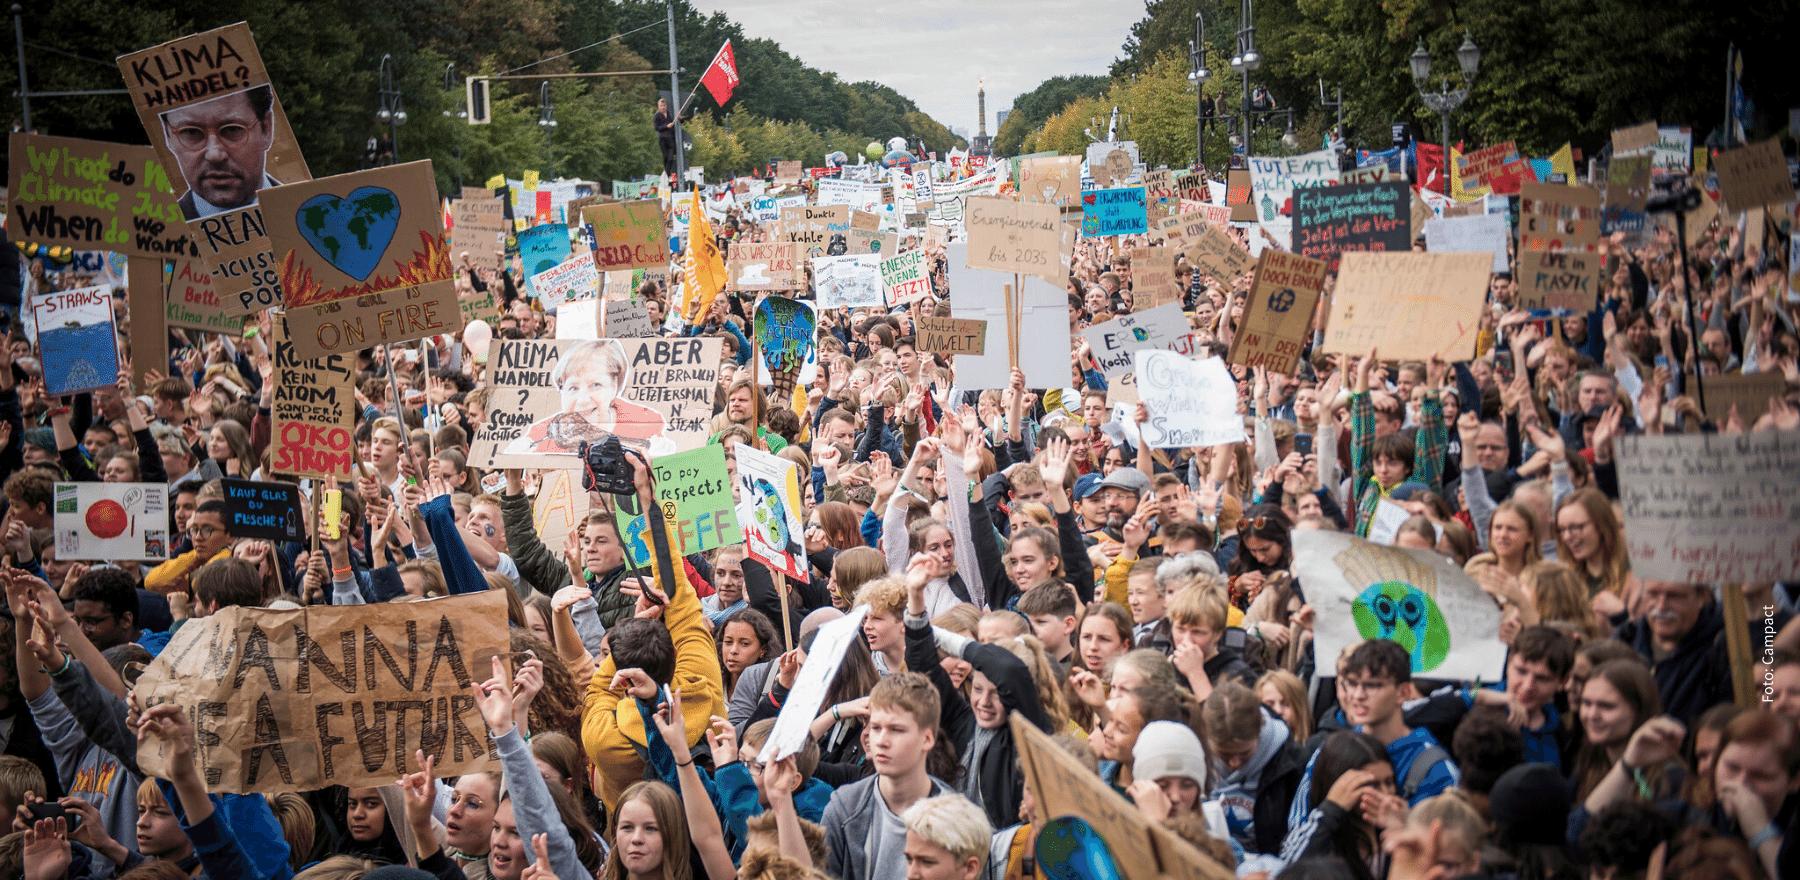 Am 20.09. ist #Klimastreik - auch der NABU ist dabei